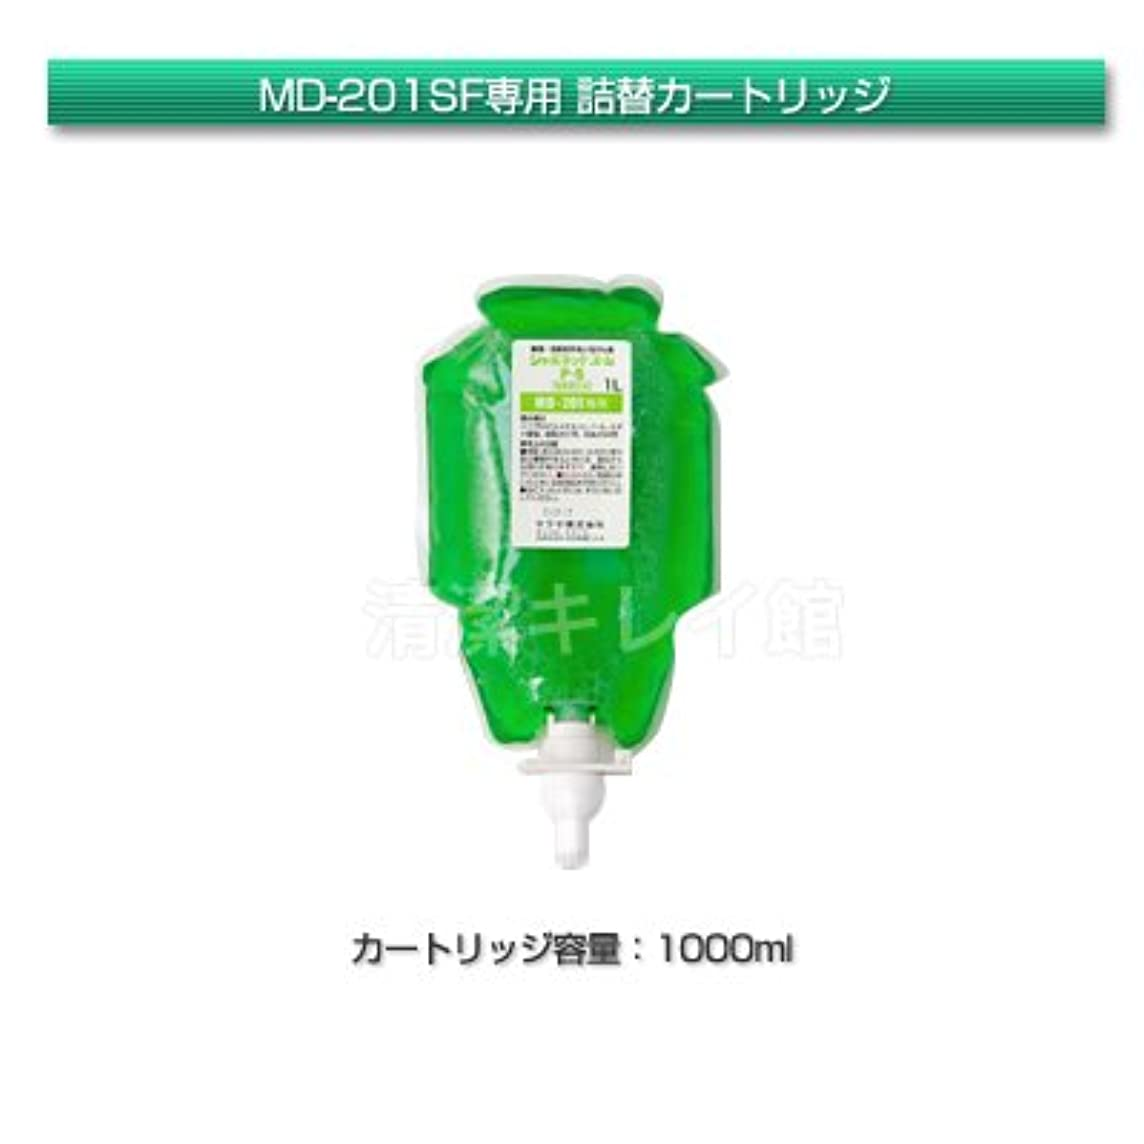 中に不適切なしなやかなサラヤ プッシュ式石鹸液 MD-201SF(泡)専用カートリッジ(ユムP-5)1000ml【清潔キレイ館】